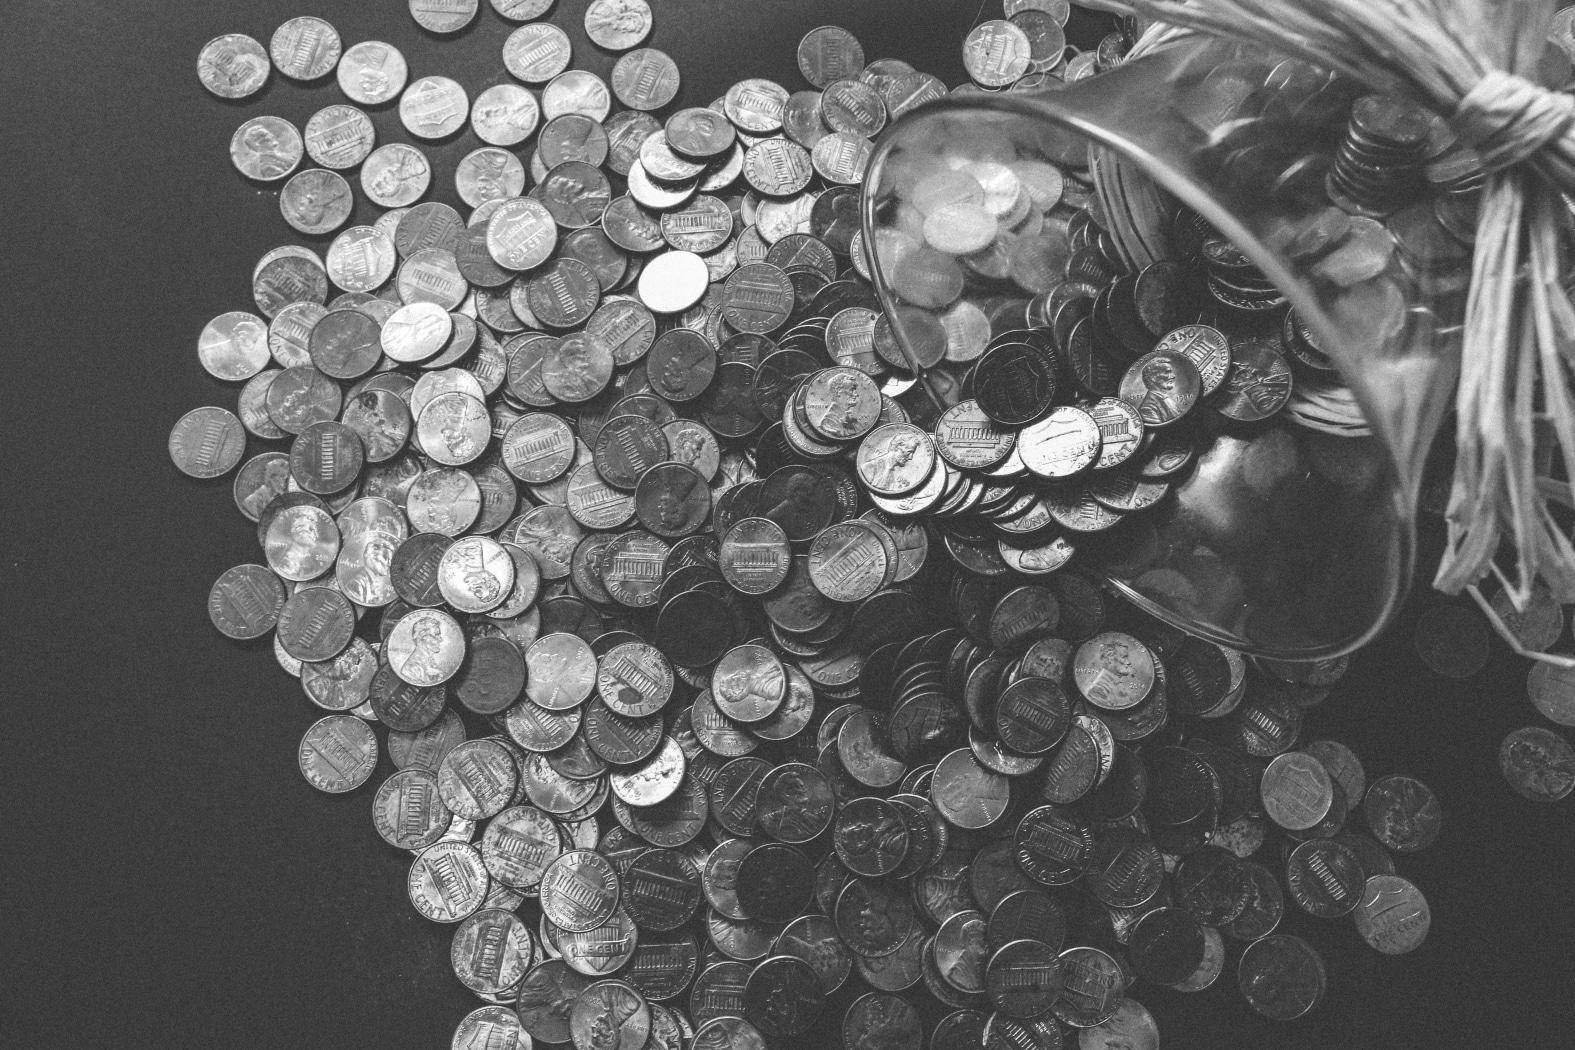 Bankenwechsel nach Ablauf der Zinsbindung